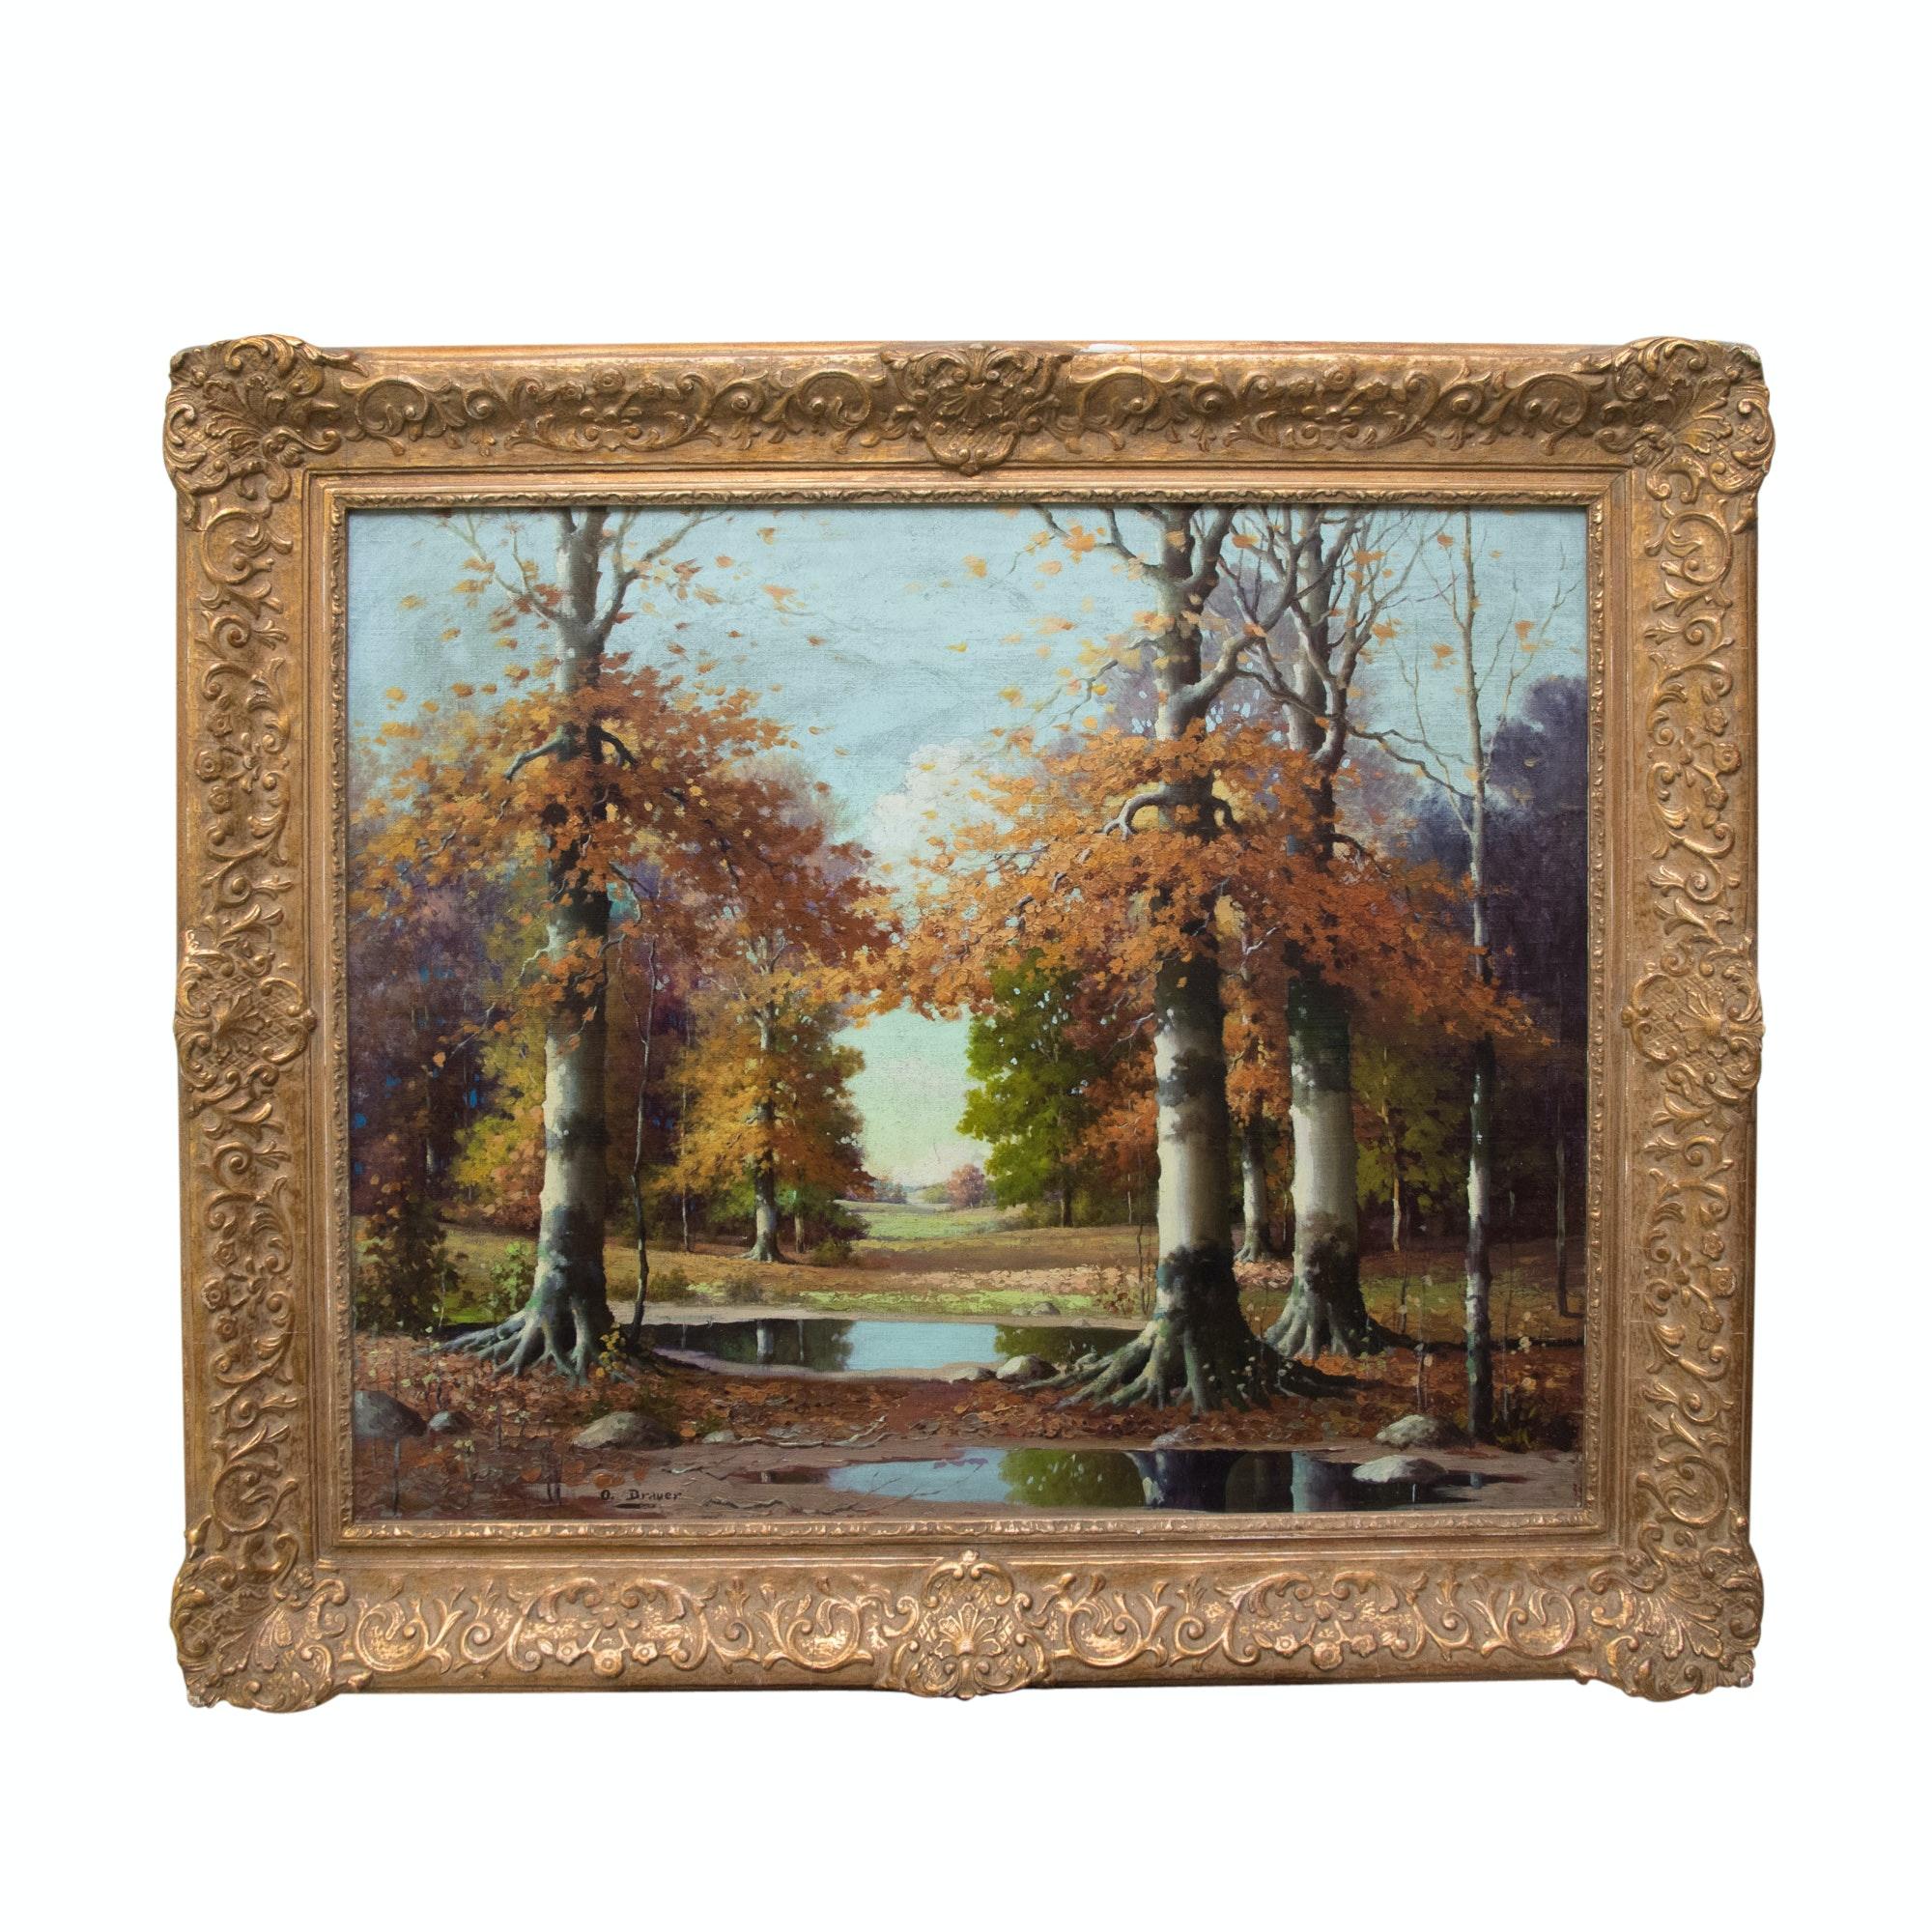 Orrin Draver Oil Painting